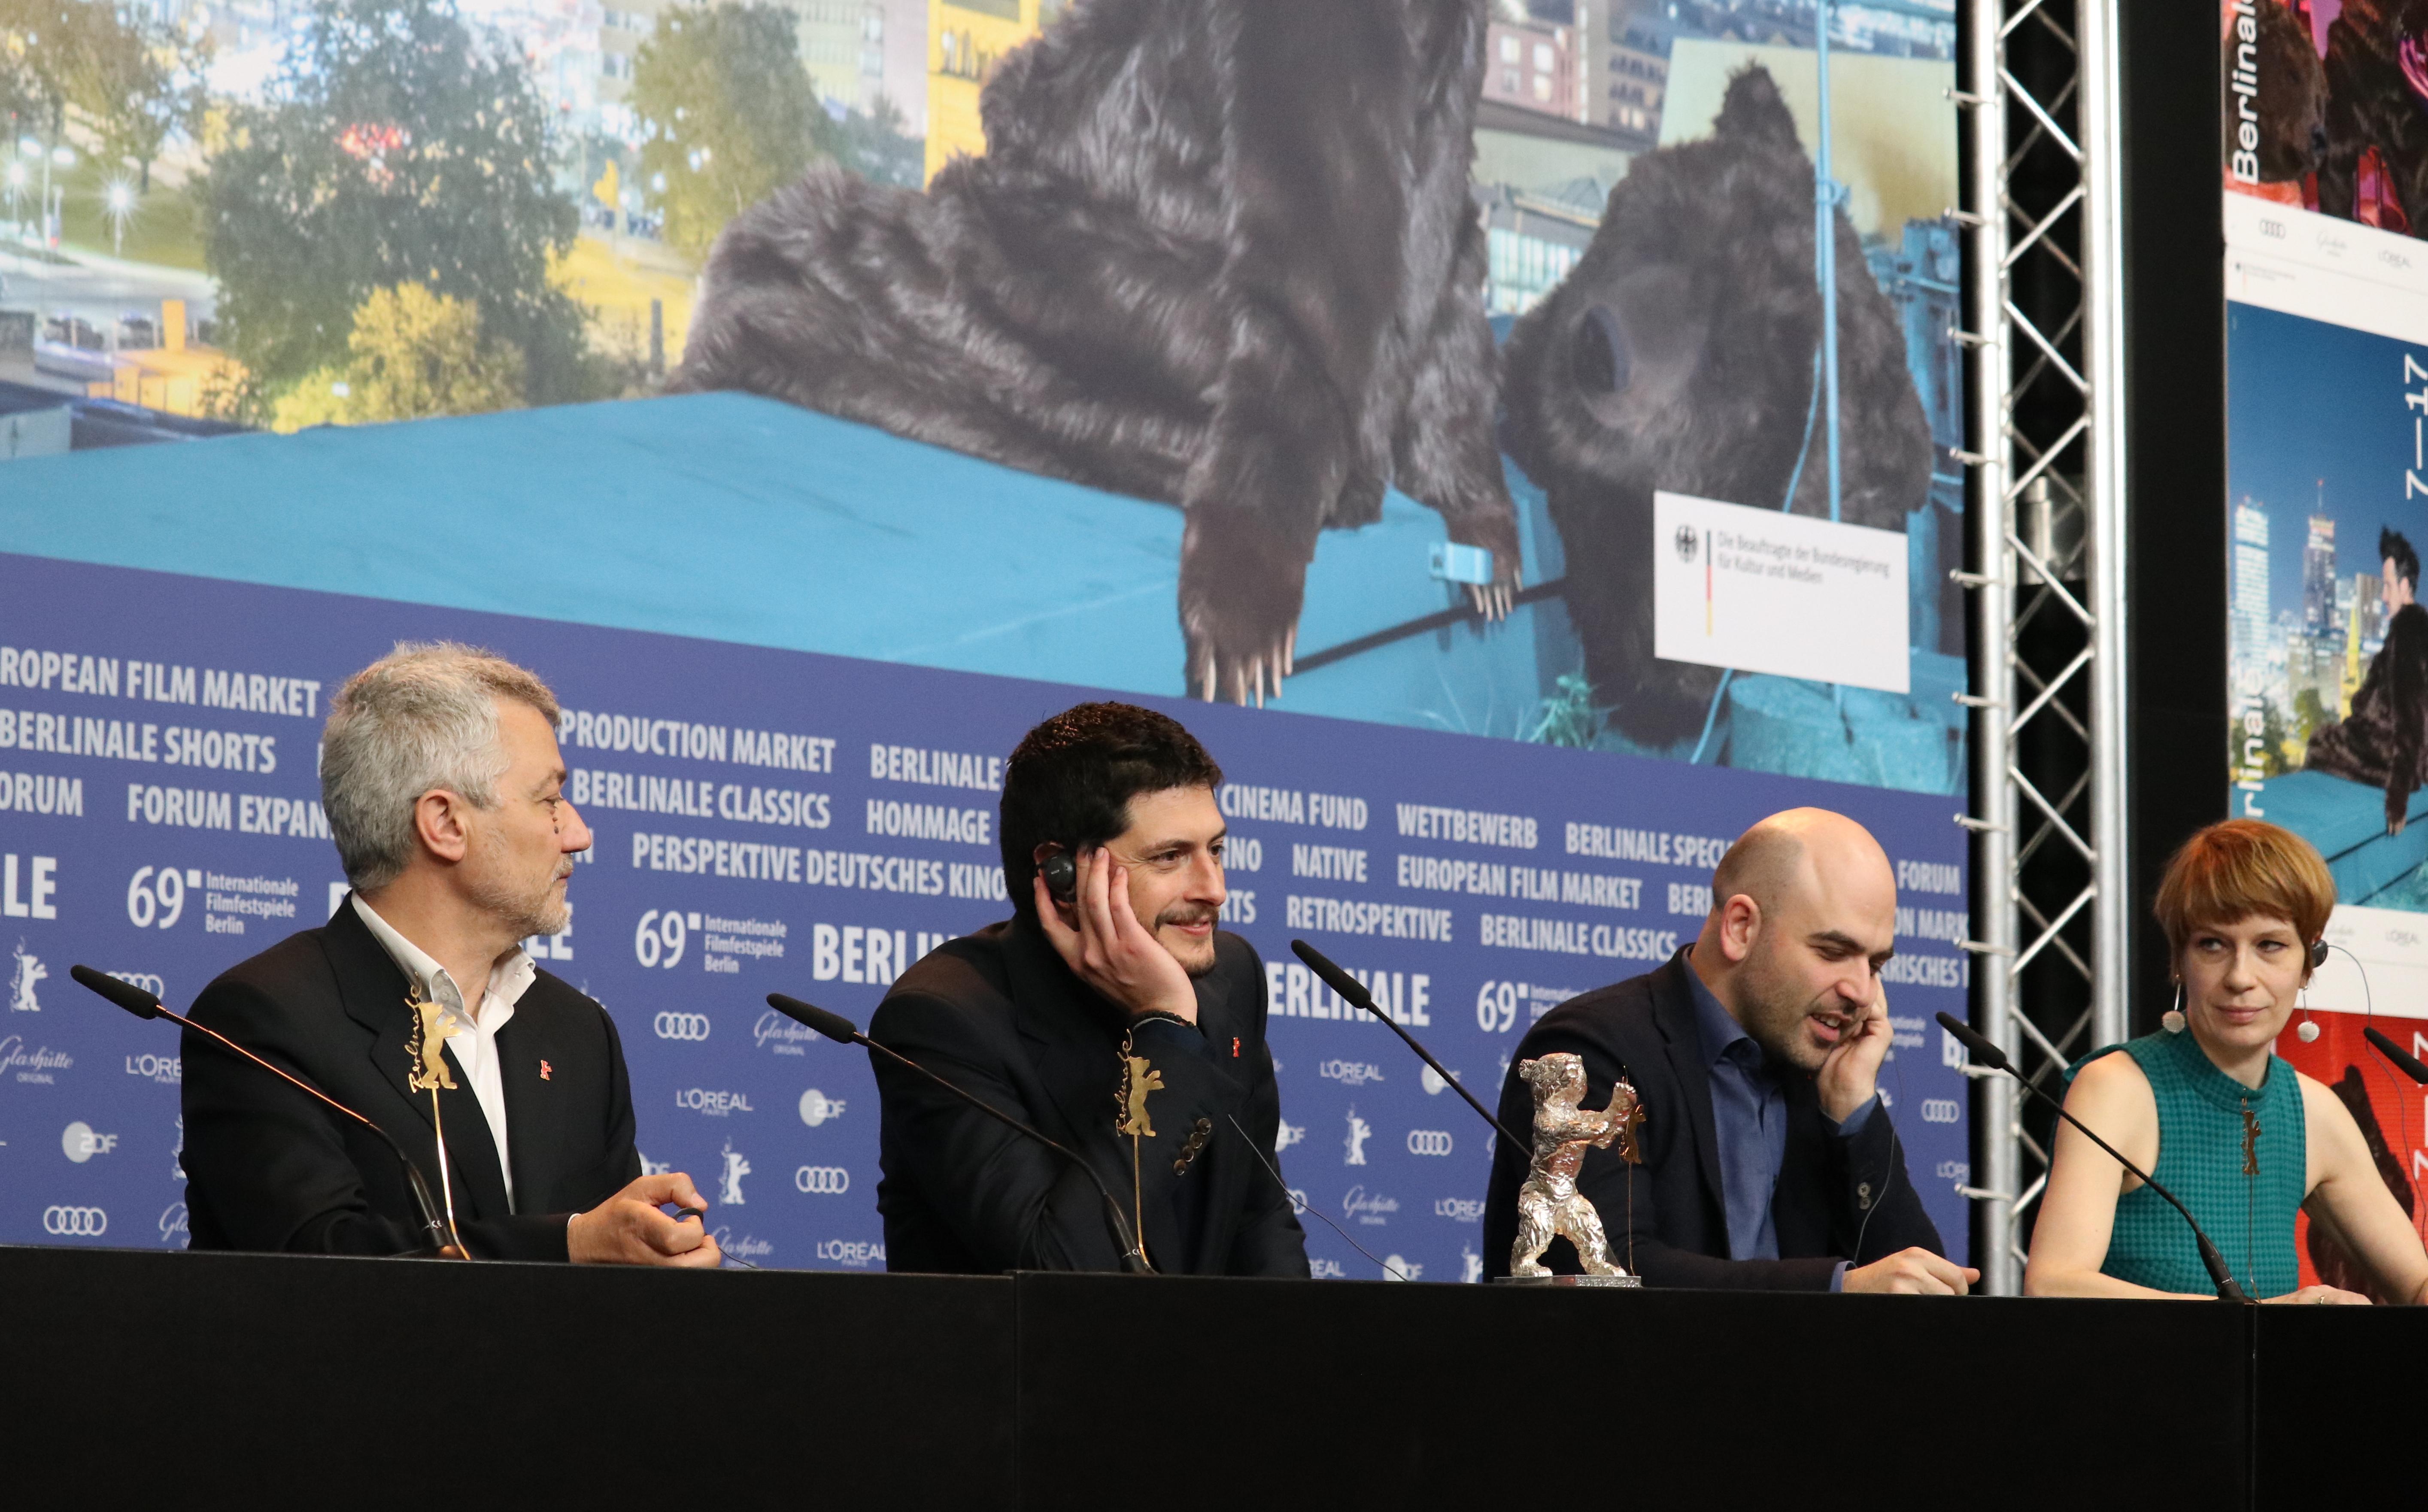 Berlino 2019: uno scatto di Roberto Saviano, Claudio Giovannesi e Maurizio Braucci alla conferenza di premiazione